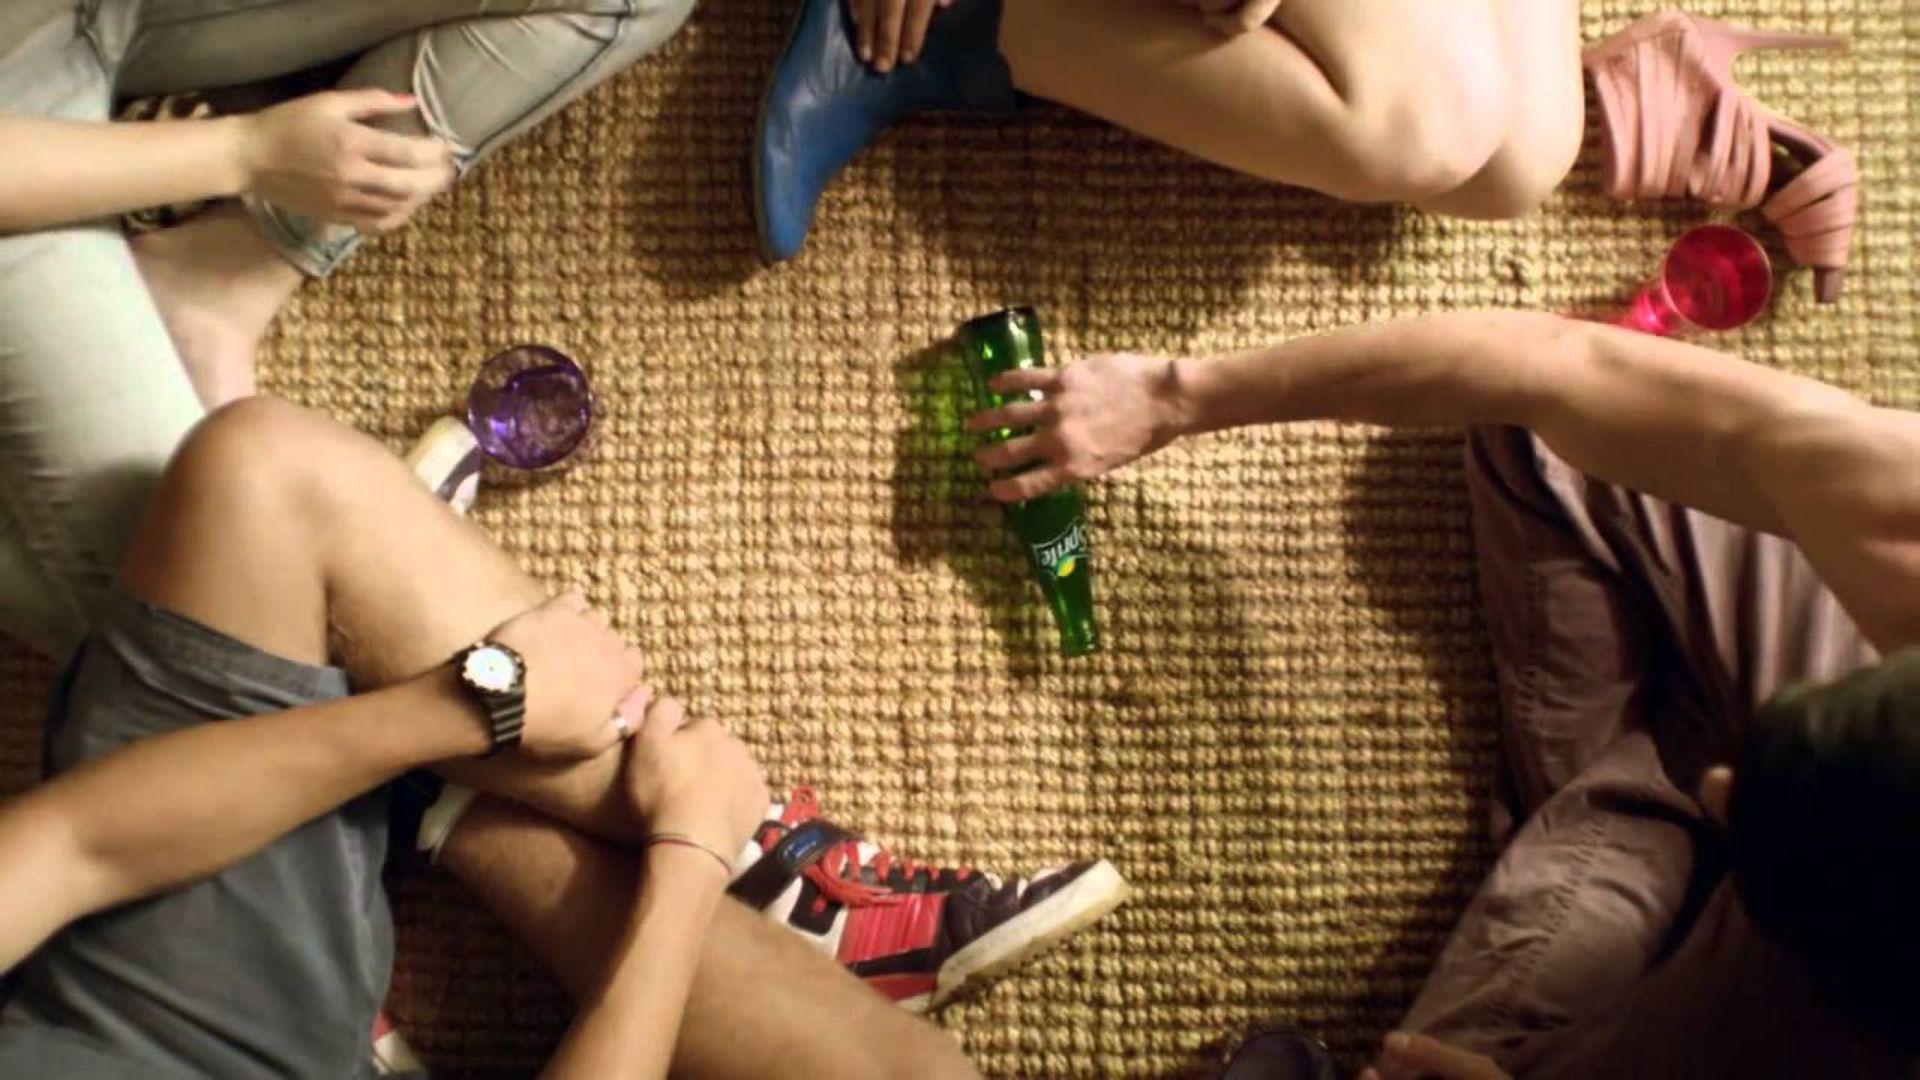 игра в бутылочку с бутылкой из-под спрайта